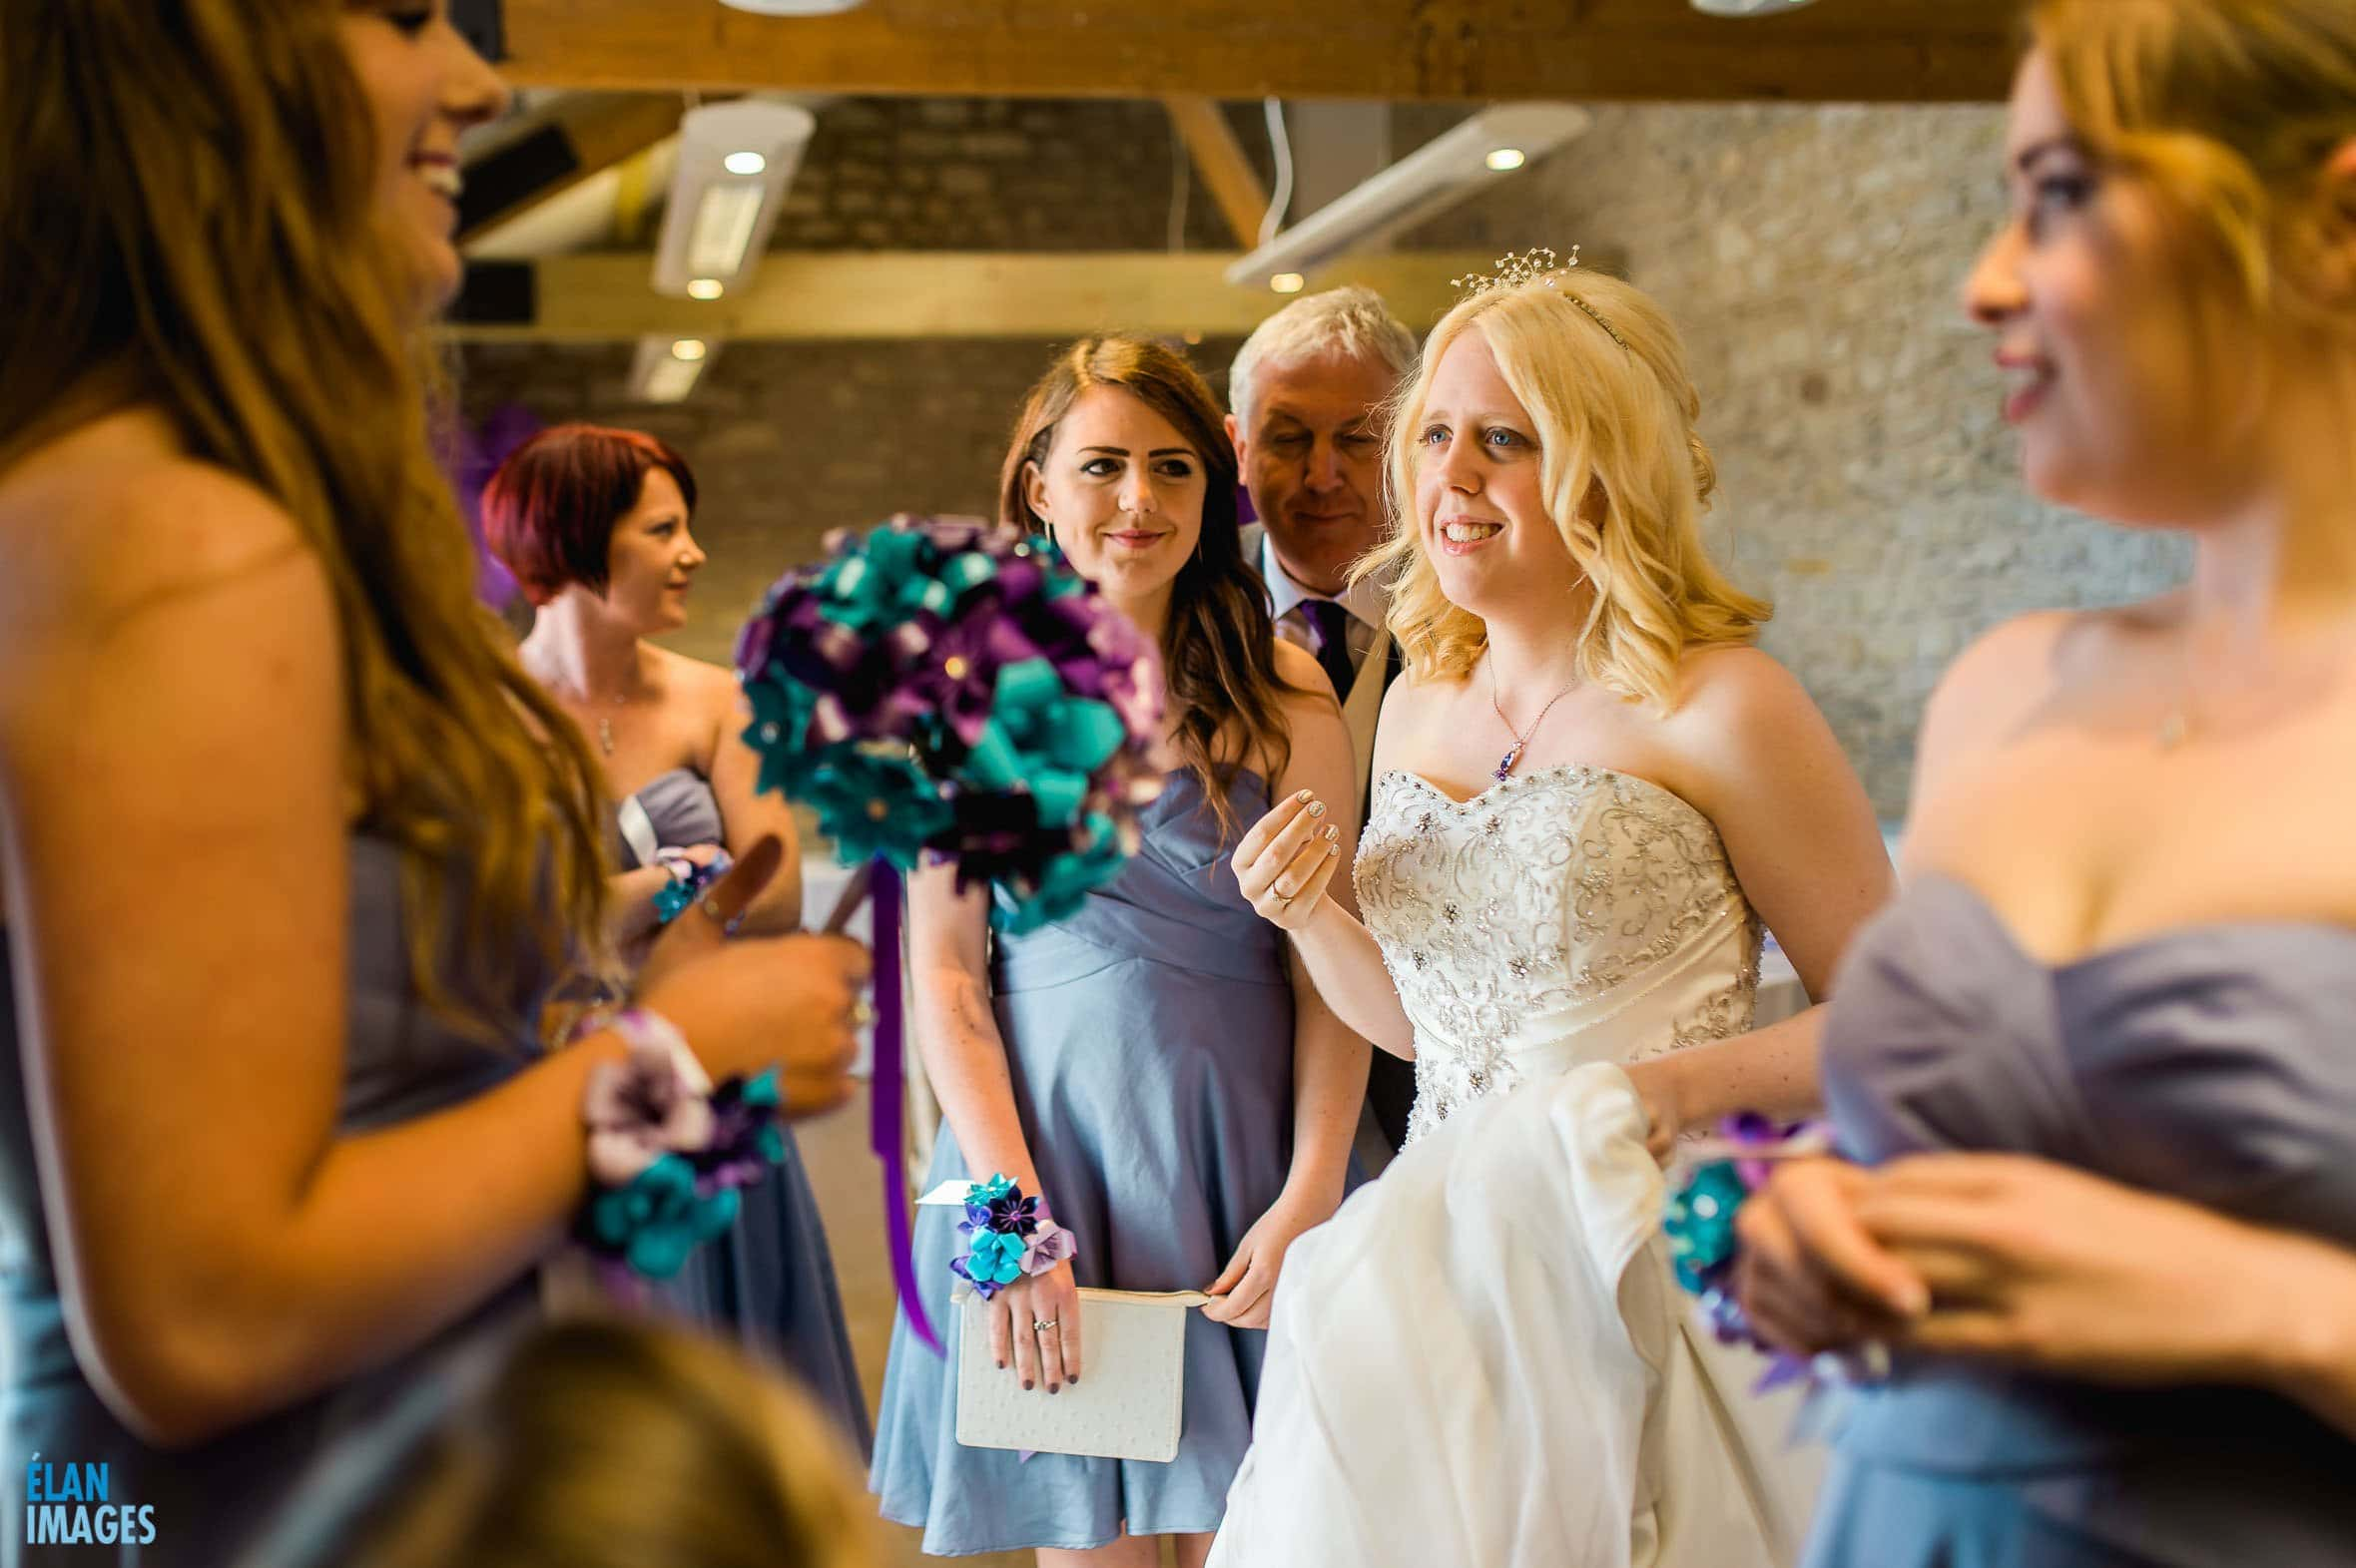 Summer Wedding at the Folly Farm Centre, Pensford 26